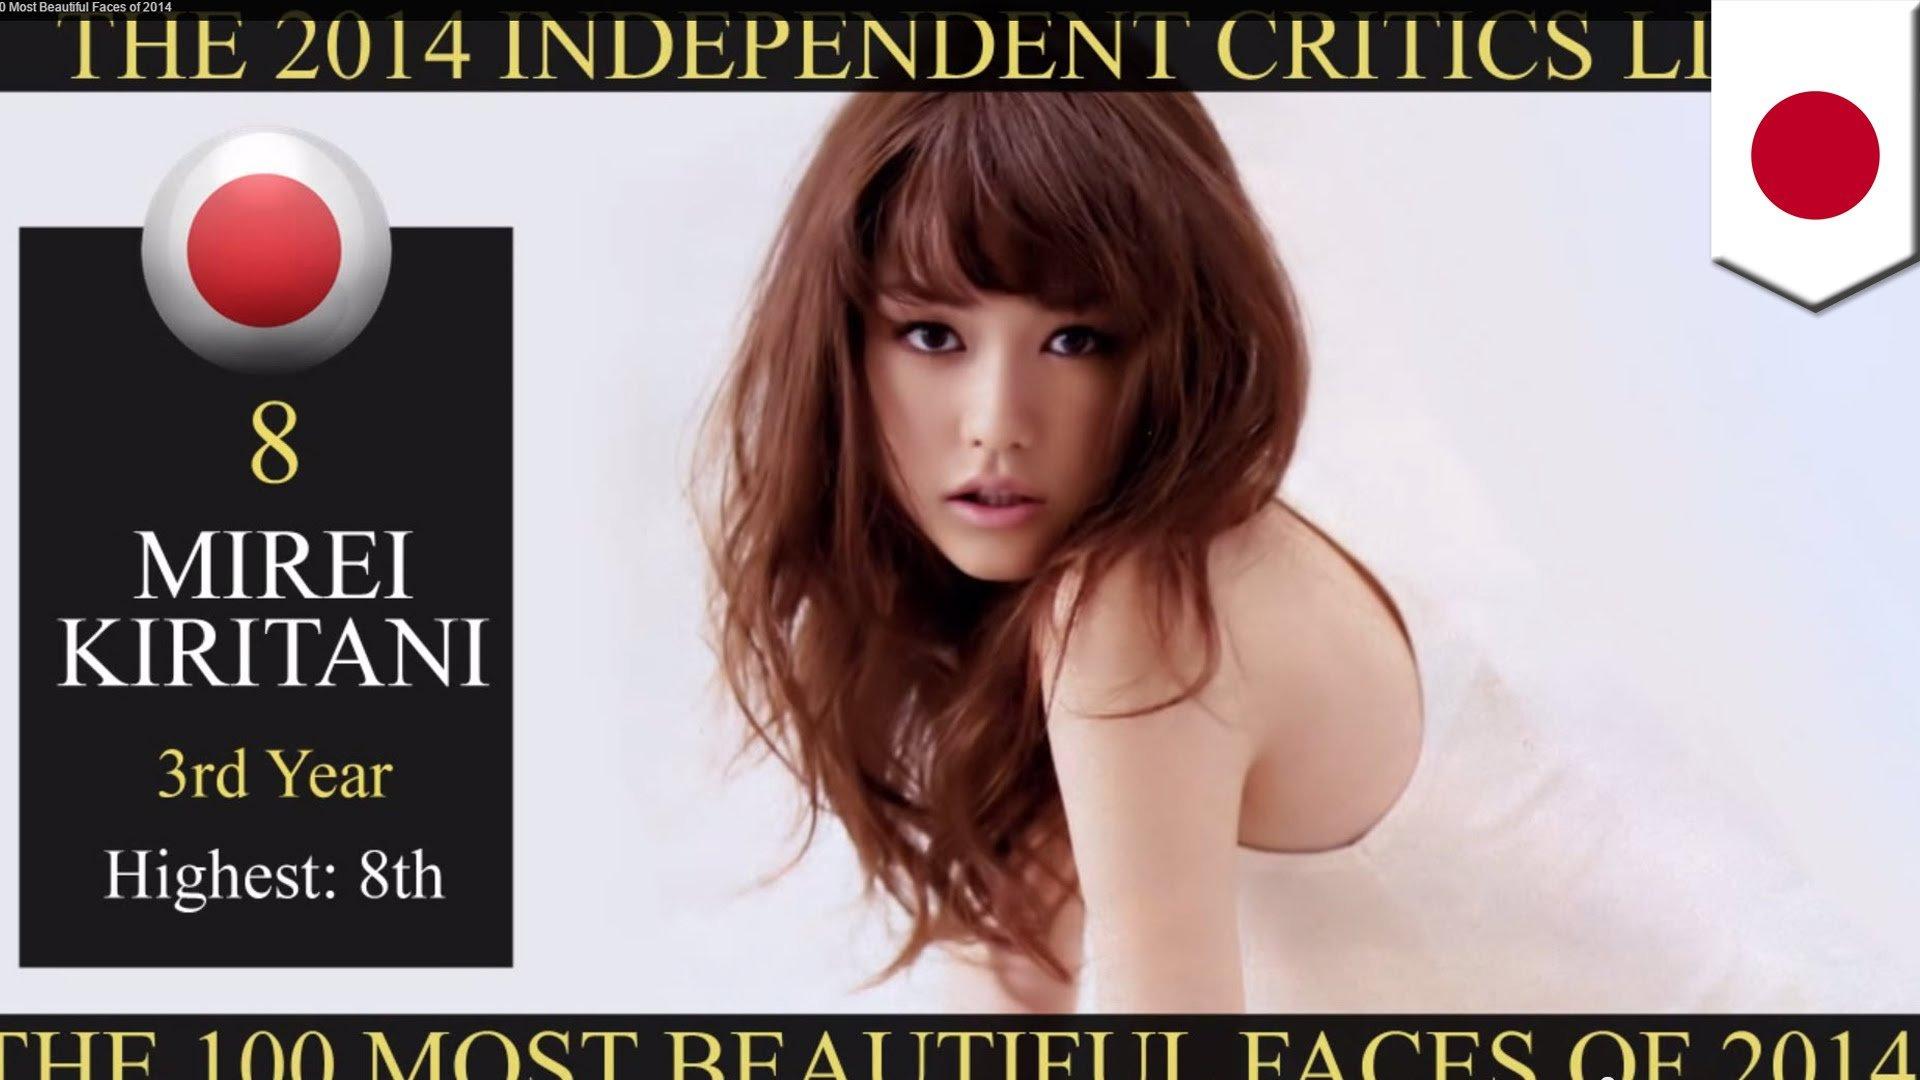 桐谷美玲 世界で最も美しい顔100人에 대한 이미지 검색결과